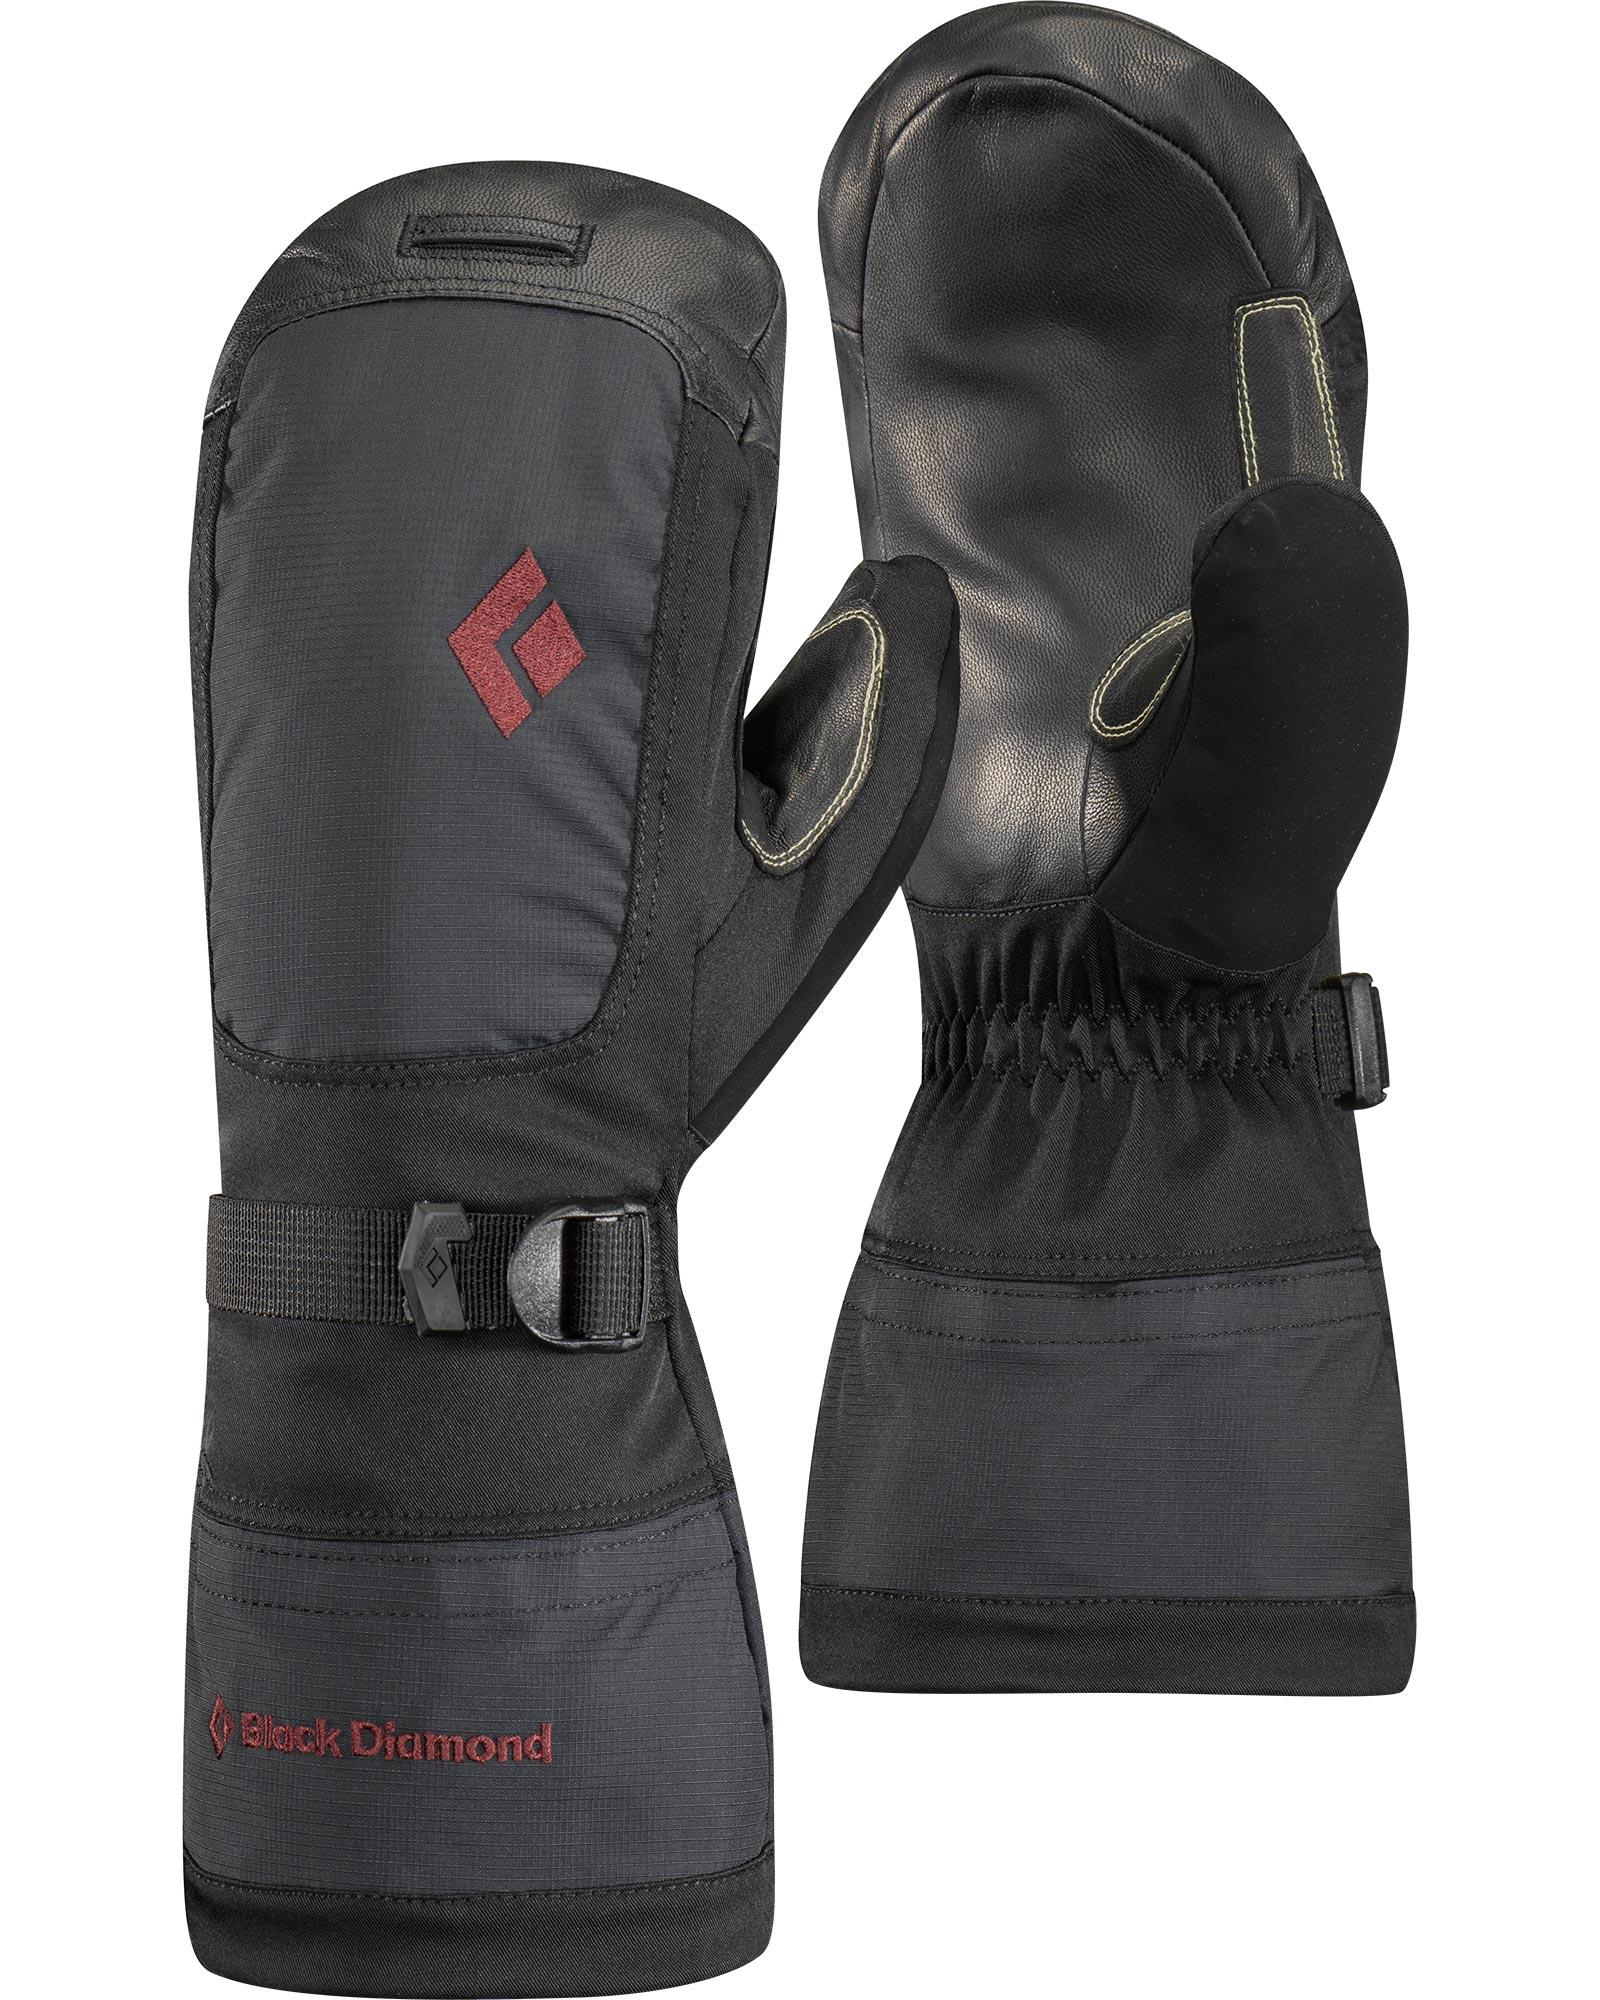 Black Diamond Axe Protector